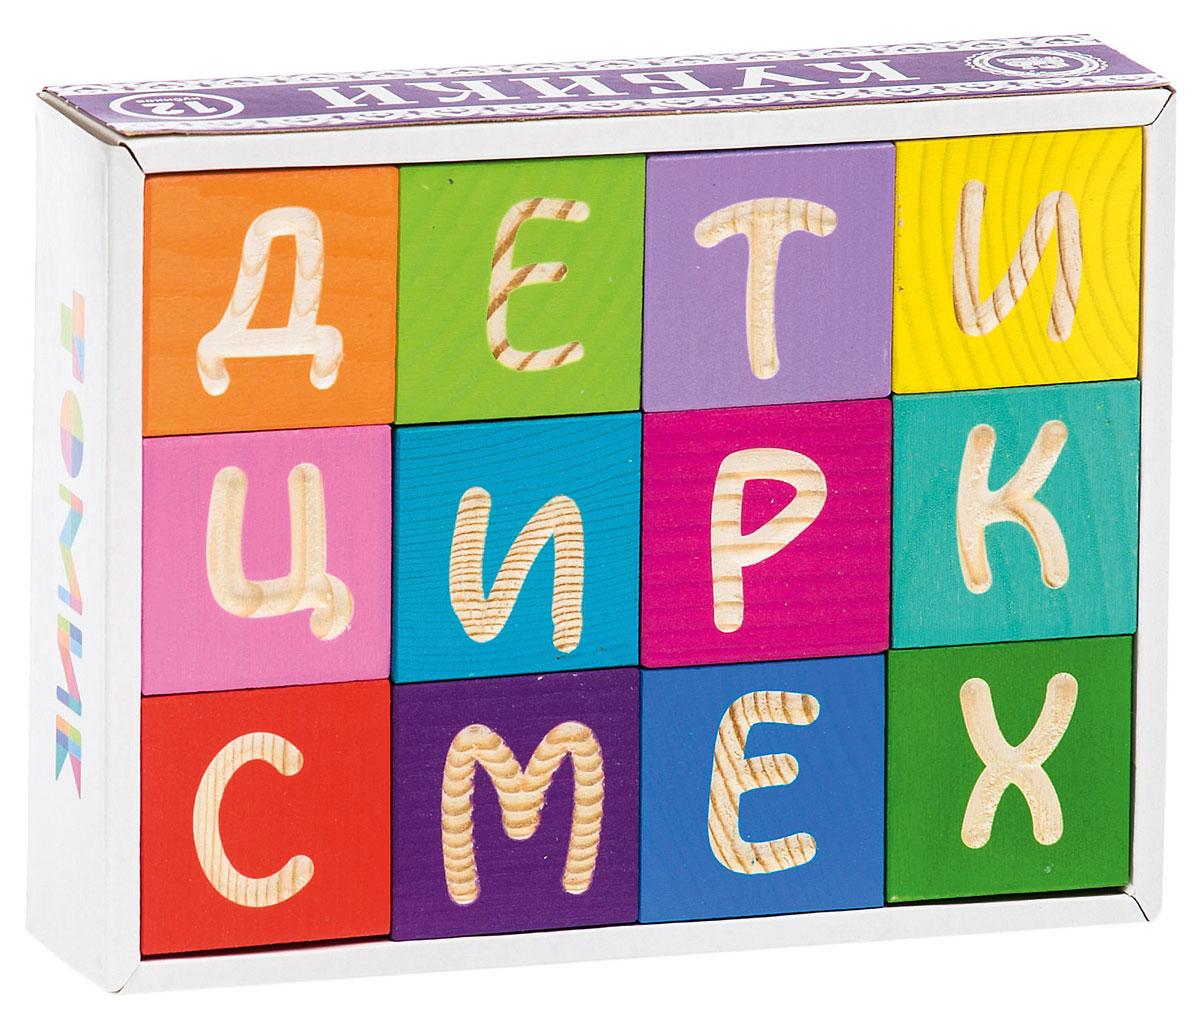 Томик Кубики Веселая азбука1111-4Набор кубиков с азбукой в количестве двенадцати штук не даст заскучать даже самому непоседливому малышу. Из такого красочного материала можно не только строить башни и дома, но и изучать алфавит. На каждой стороне кубика имеется буква на цветном фоне. Игра с кубиками развивает моторику рук, логику, наблюдательность, память, образное мышление. Игрушка выполнена из дерева, детали тщательно отшлифованы и обработаны, окрашены акриловыми красками приятных цветов. Размер кубиков подобран специально для удобства малышей. Они надежны и будут служить много лет, а нанесенные рисунки не поблекнут и не сотрутся с годами.